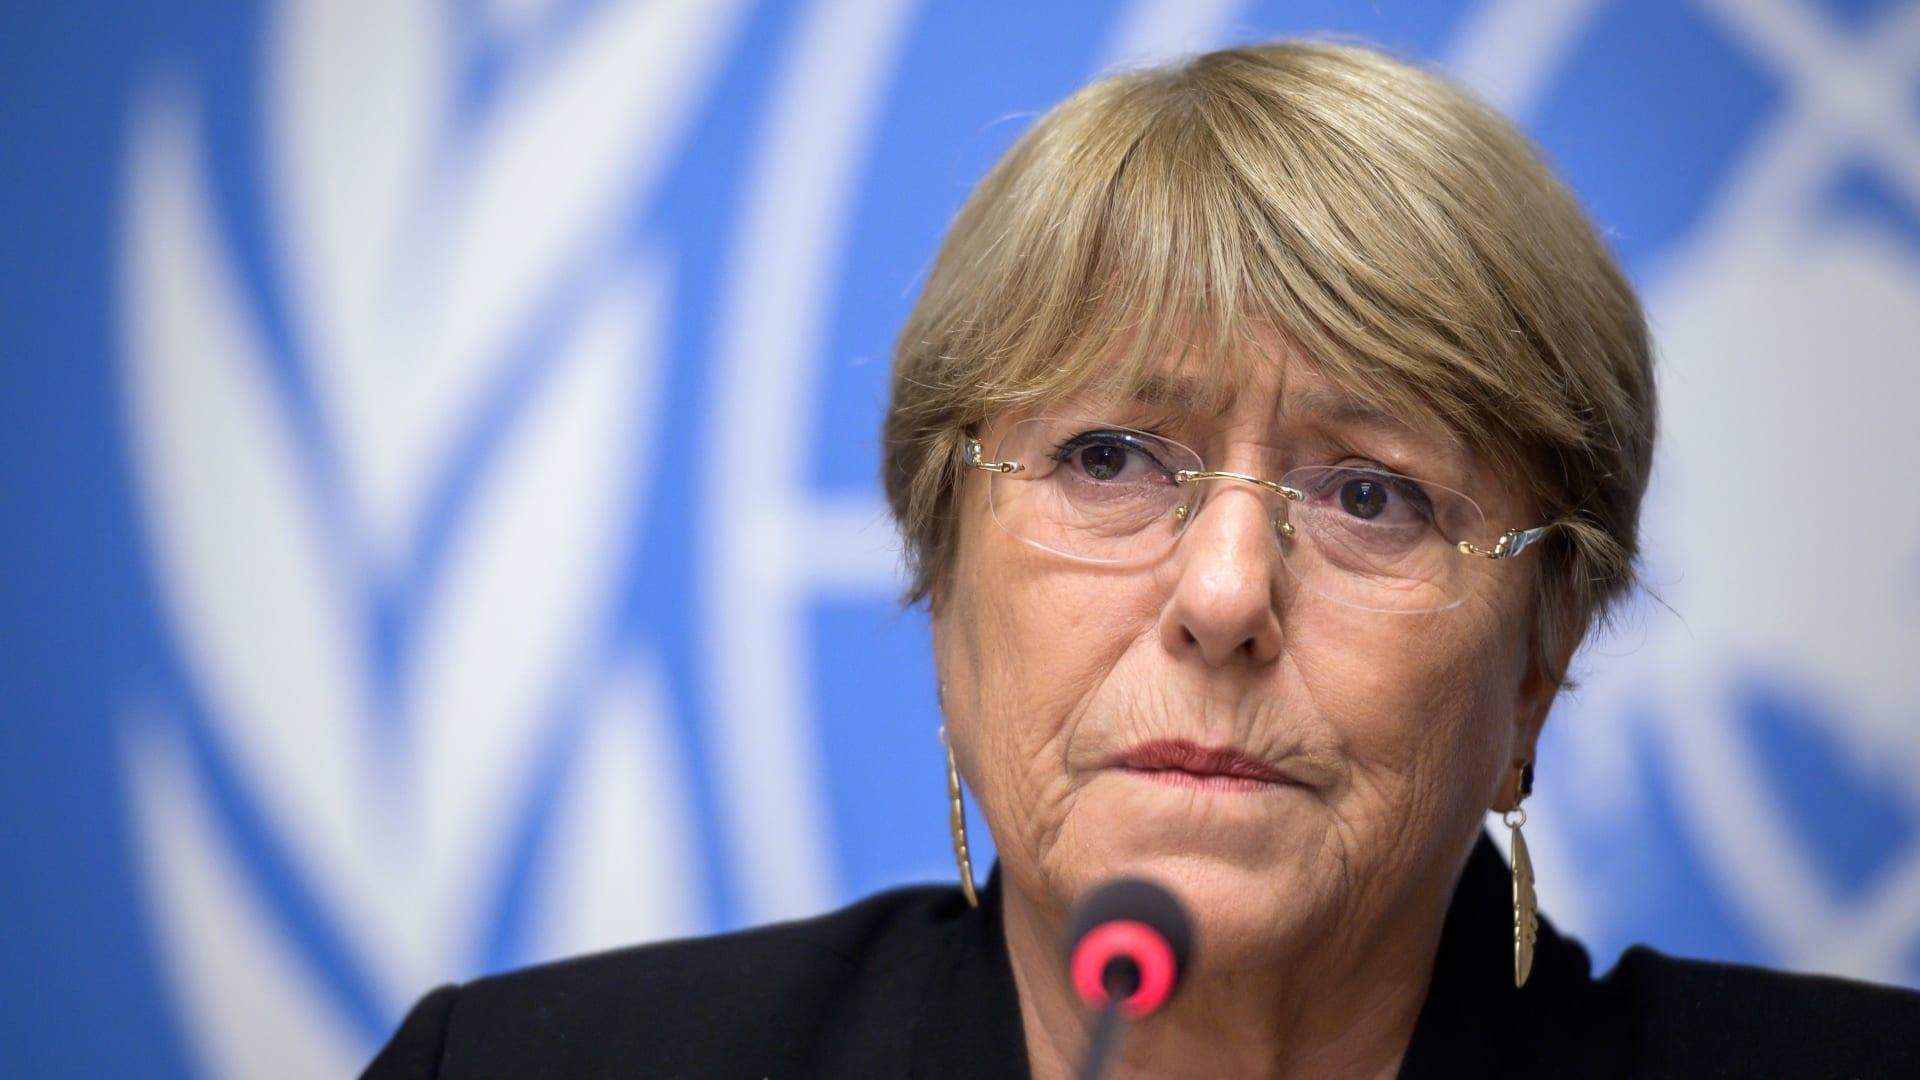 ميشيل باشيليت الرئيسة السابقة لتشيلي والمفوضة السامية الحالية لحقوق الإنسان التابعة للأمم المتحدة